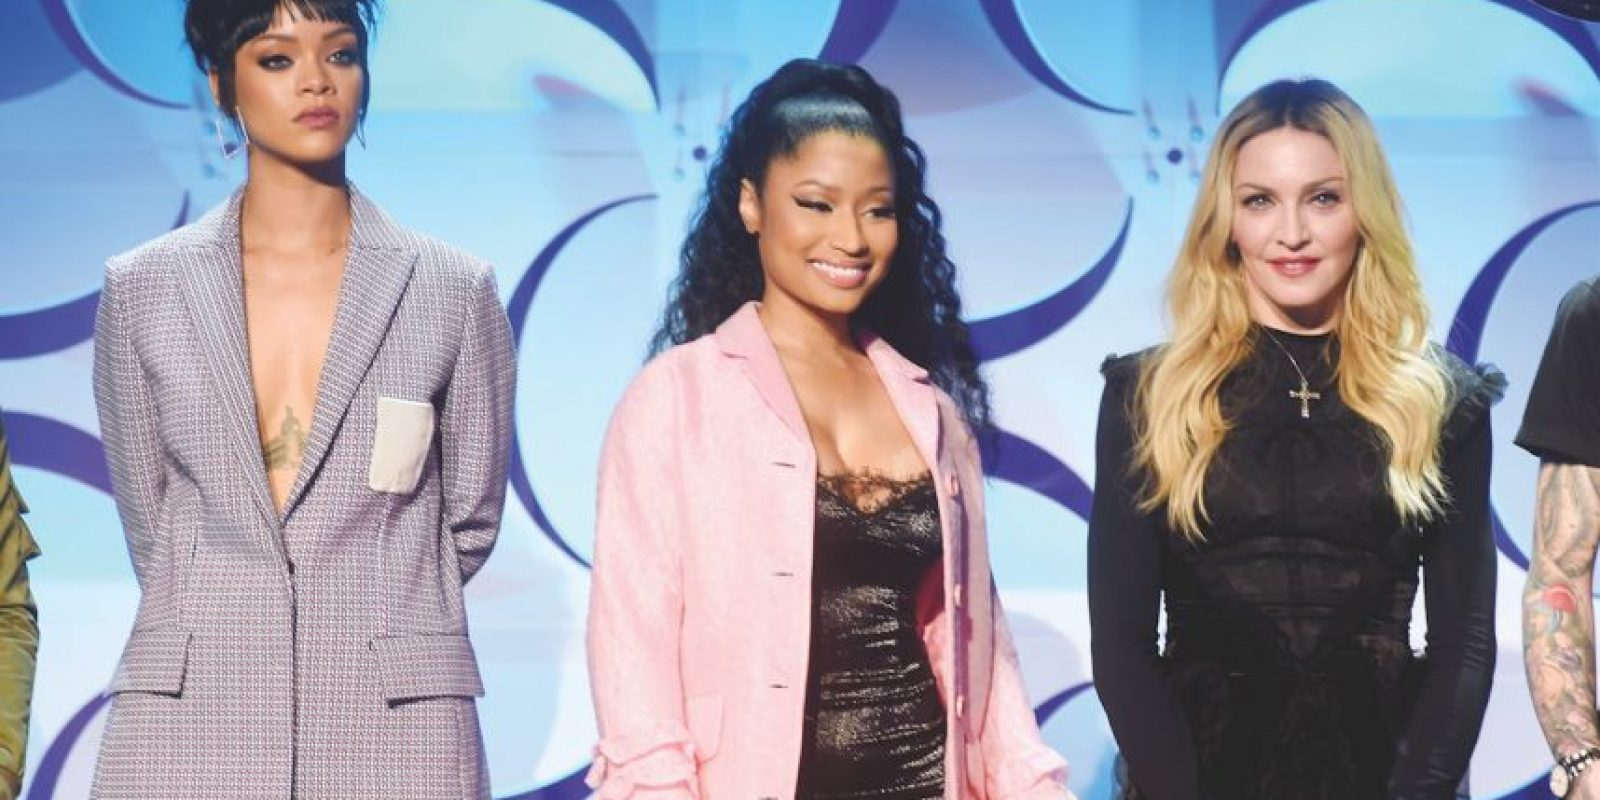 """Nicki Minaj con Rihanna – """"Fly"""" (2010) Éstas son dos de las más grandes compositoras femeninas proclamando líricamente su propio éxito y ambición. Y, ¿por qué no? También es aparentemente tiempo para que Nicki Minaj y Rihanna dejen sus looks de 'vagabundos' al parecer. Foto:Getty Images"""